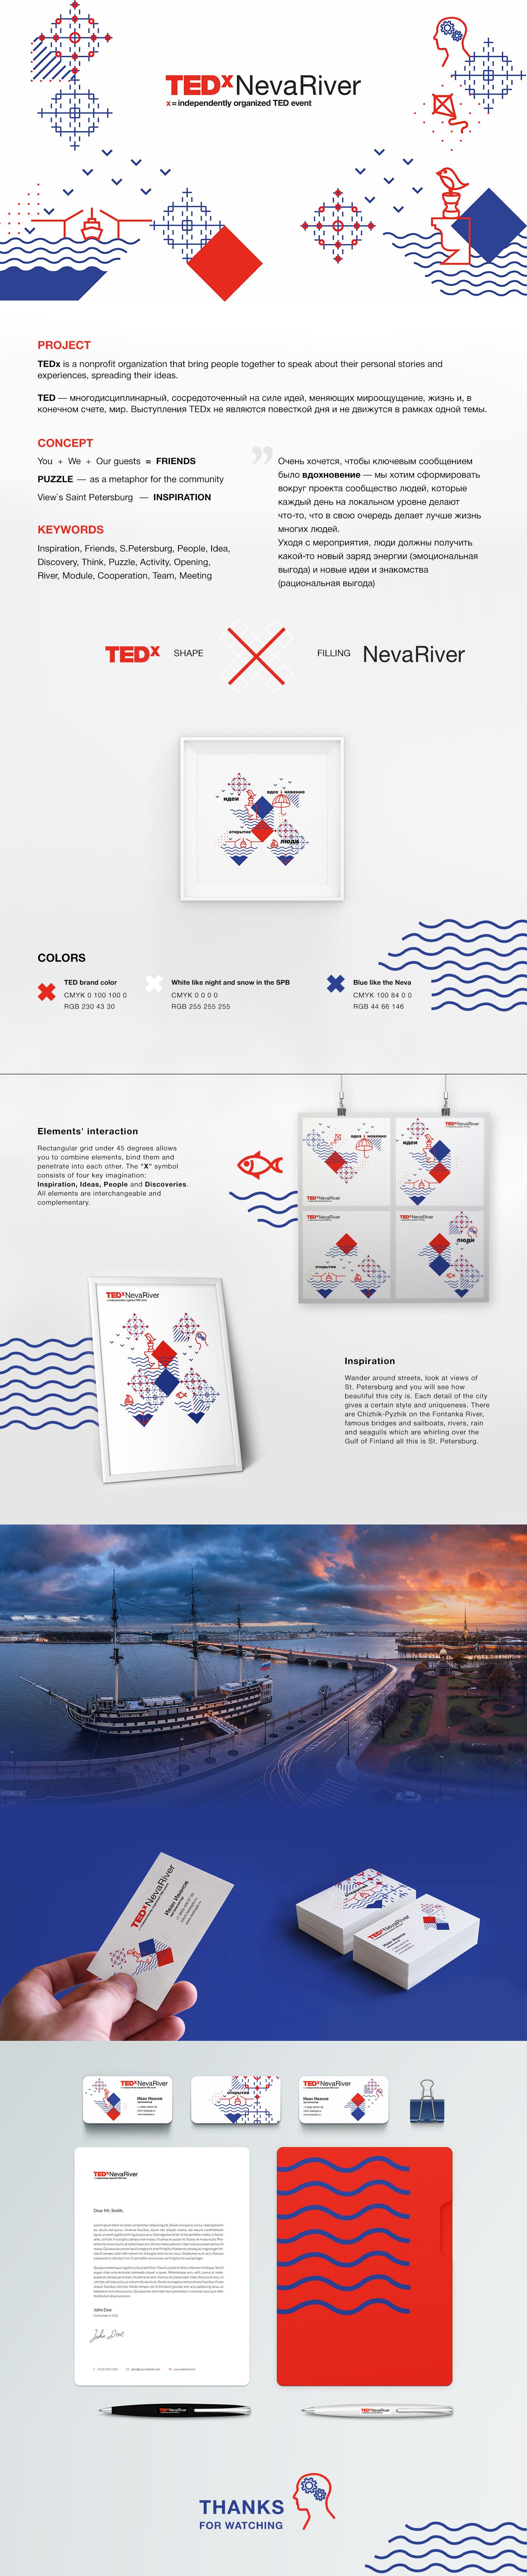 Дизайн брендинга и фирменного стиля TEDx NevaRiver